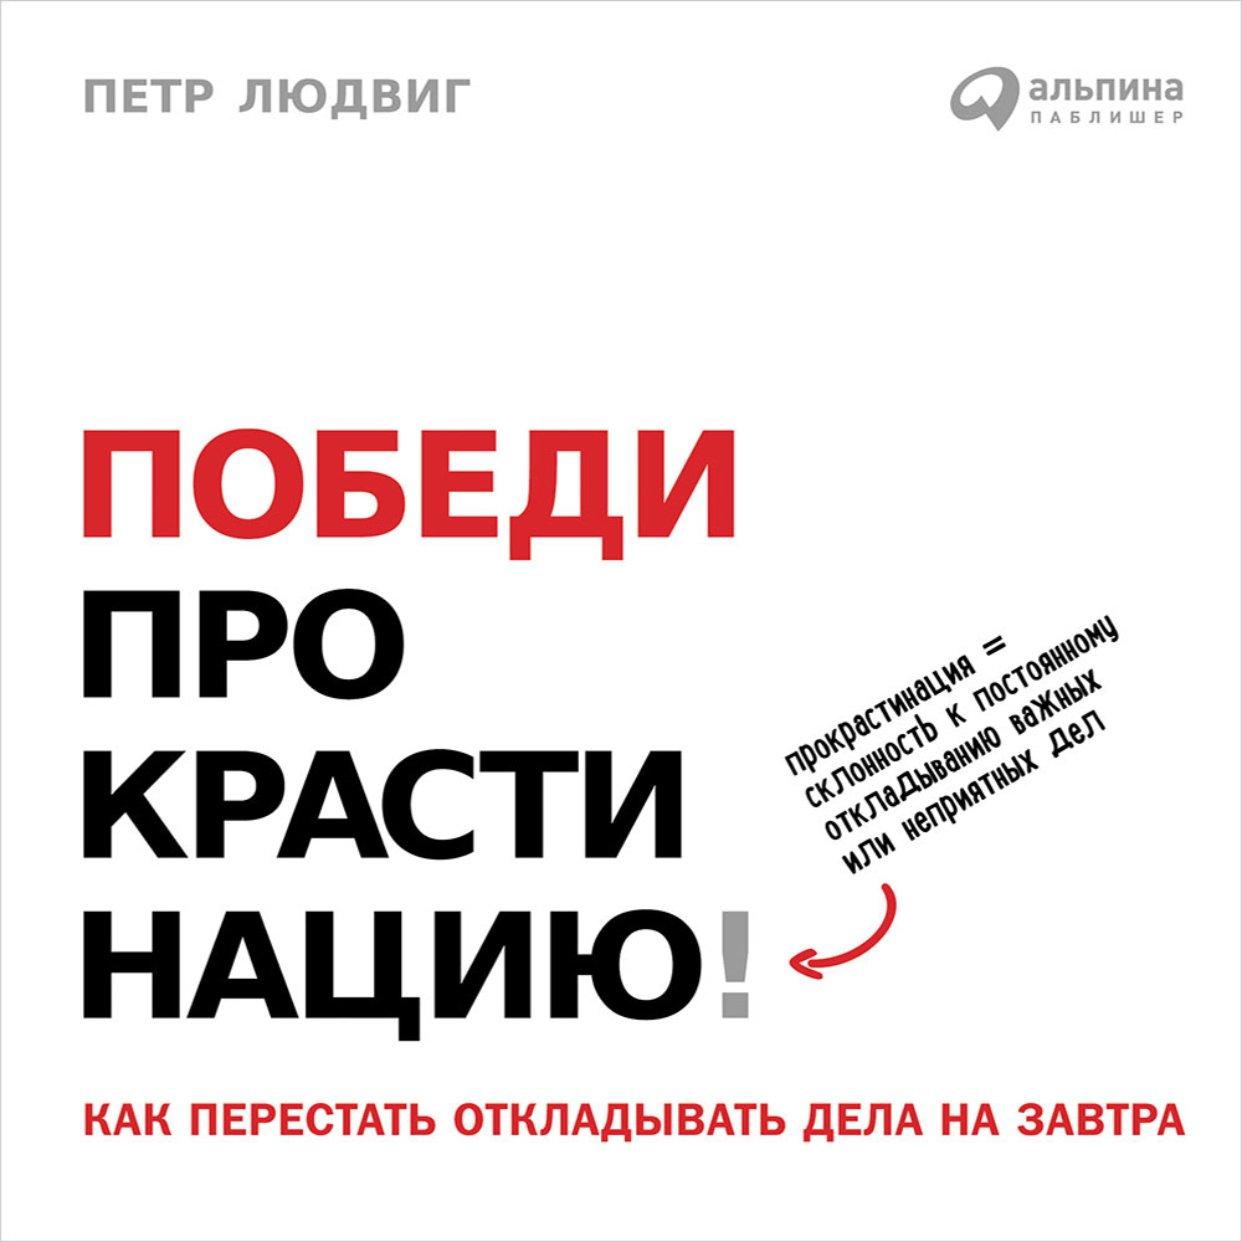 Победи прокрастинацию! Как перестать откладывать дела на завтра - Петр Людвиг - цитаты, рейтинг, отзывы, где купить